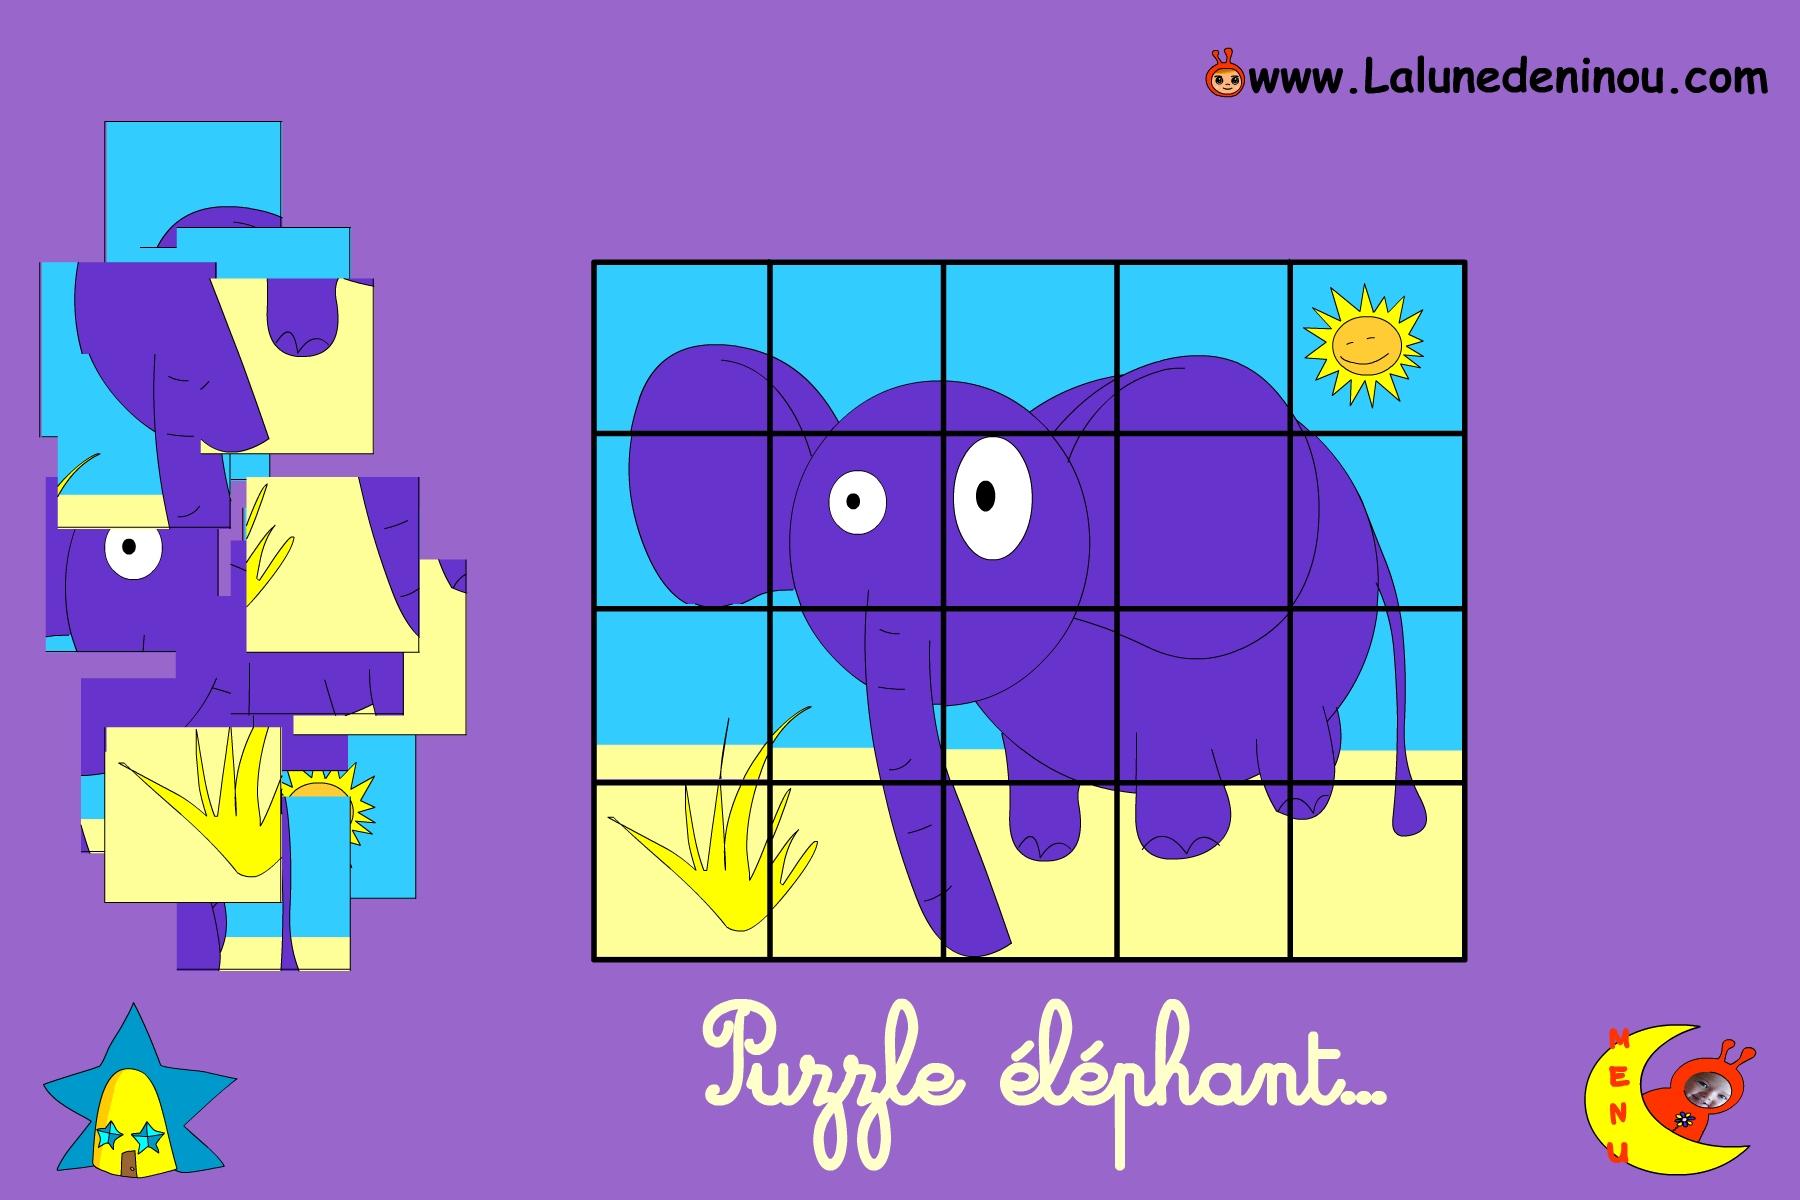 Puzzle En Ligne Pour Enfant De Maternelle - Lalunedeninou avec Puzzle En Ligne Maternelle